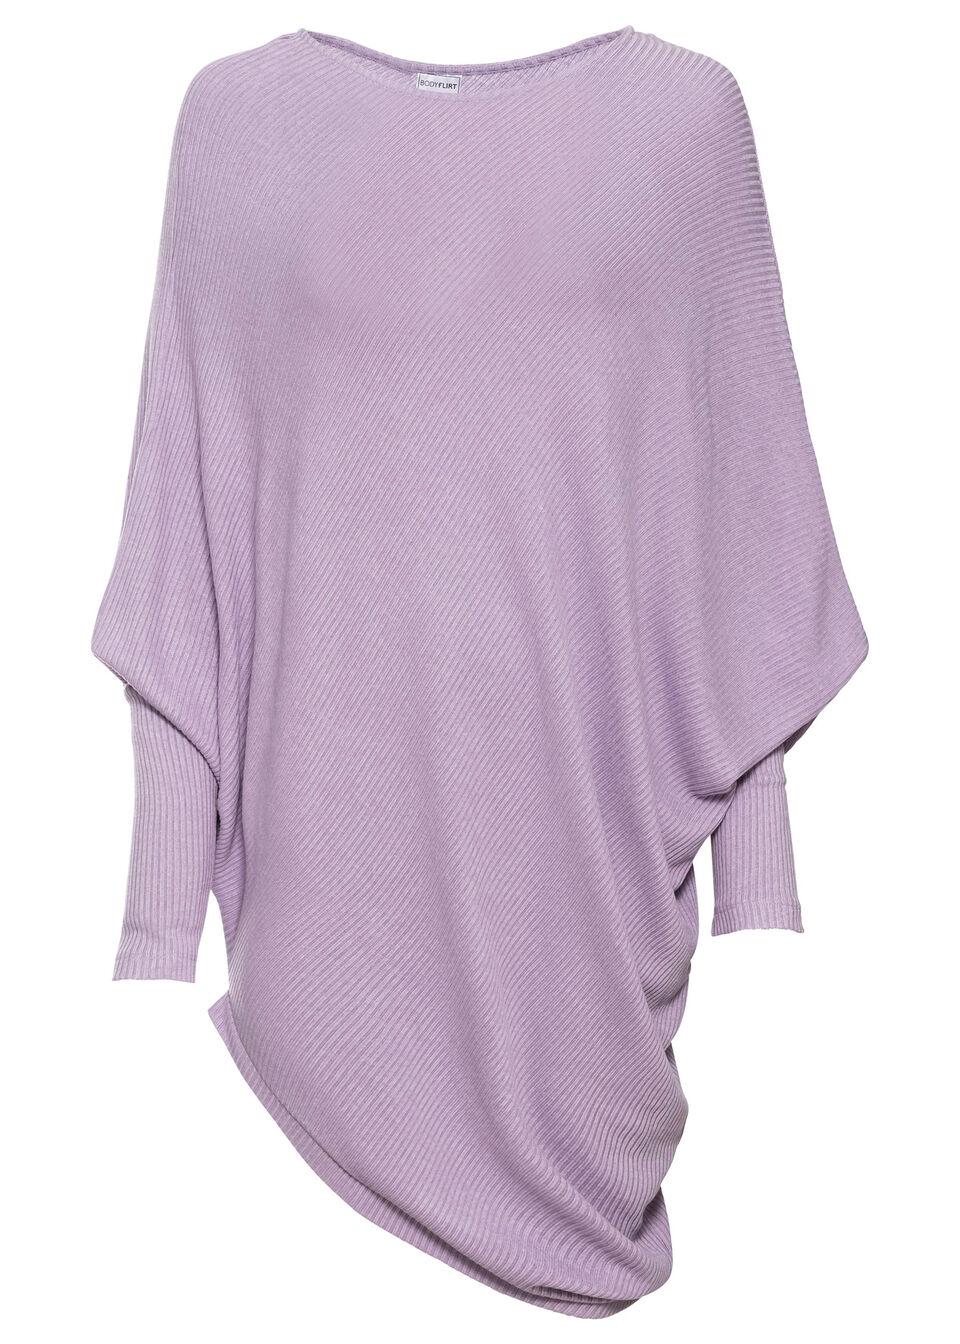 Купить Свитера, Пуловер оверсайз с асимметричным низом, bonprix, сиреневый